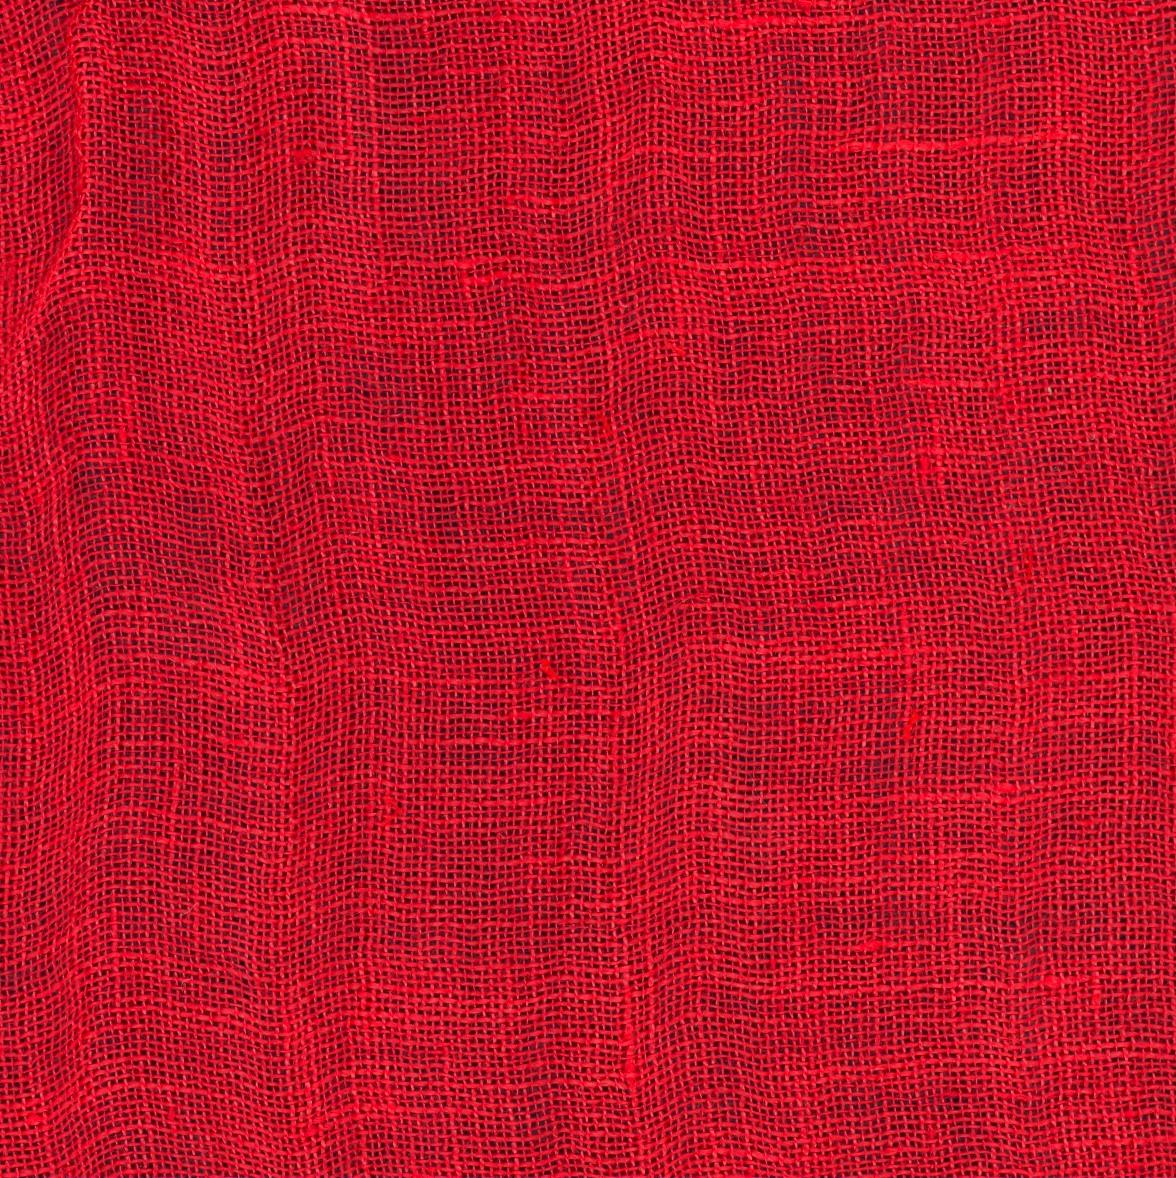 SGARZOLINO MACHE' UNITO Red Laquer